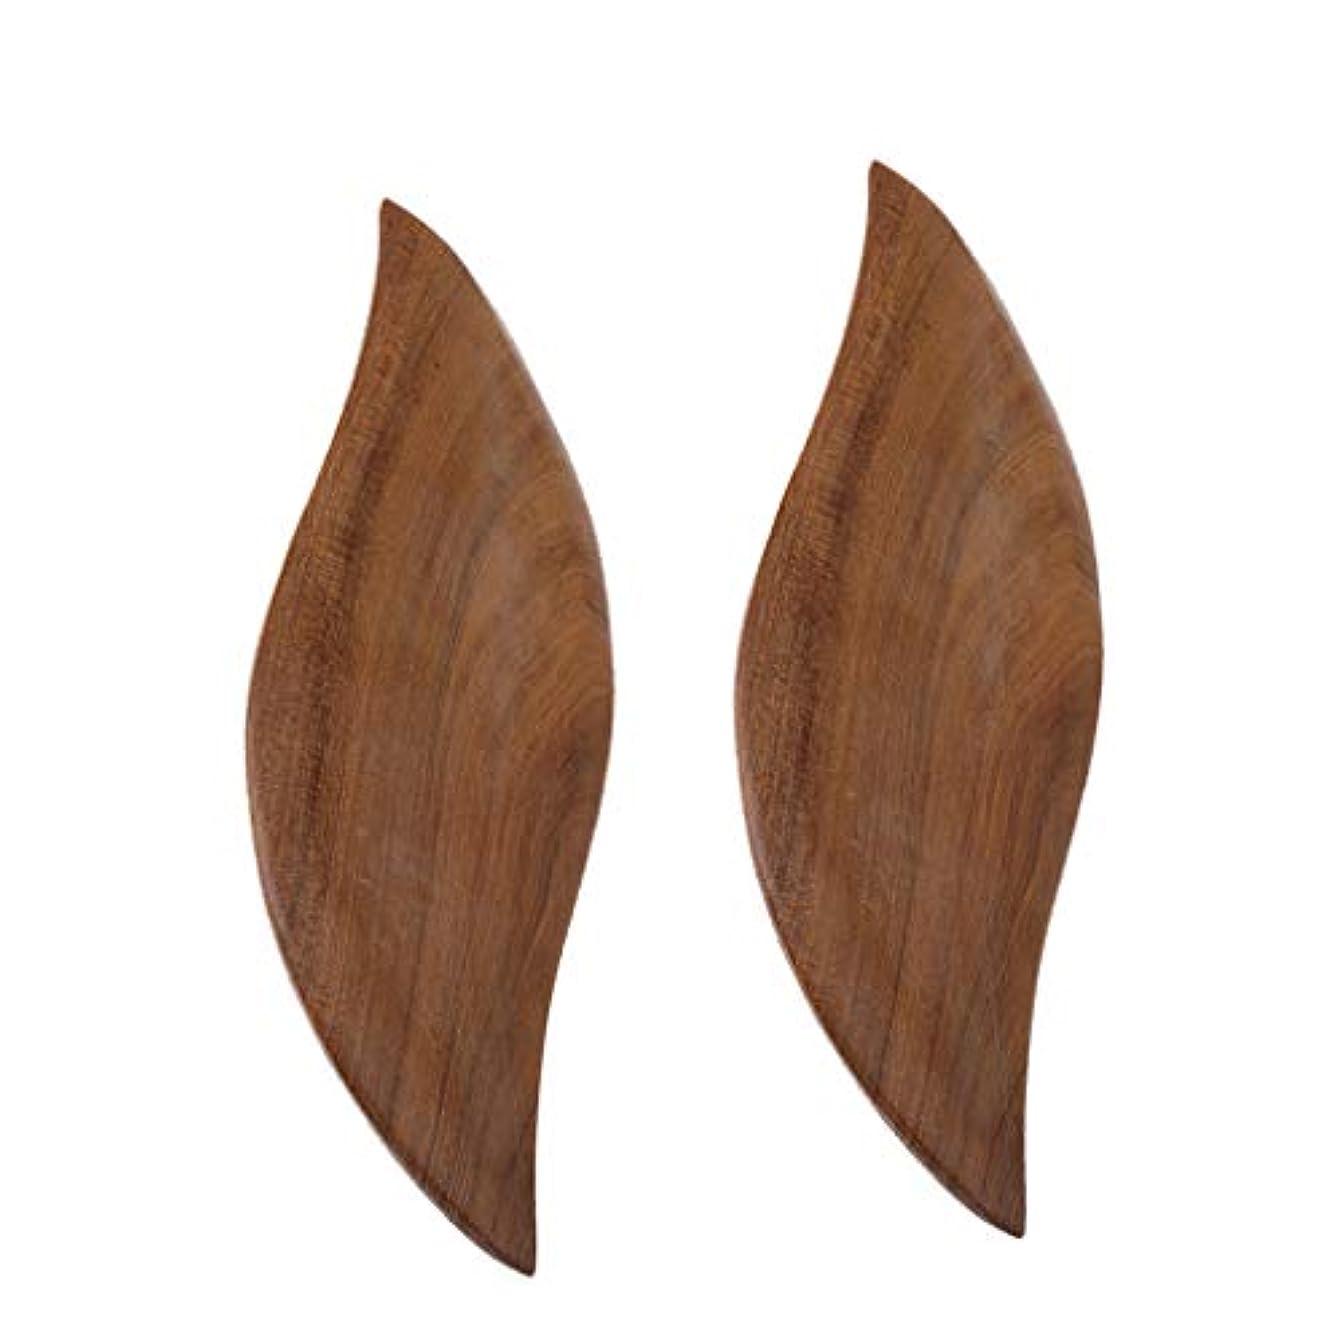 漂流配管工遺体安置所2枚 かっさプレート 木製 ボード ボディーケア 葉の形 便利